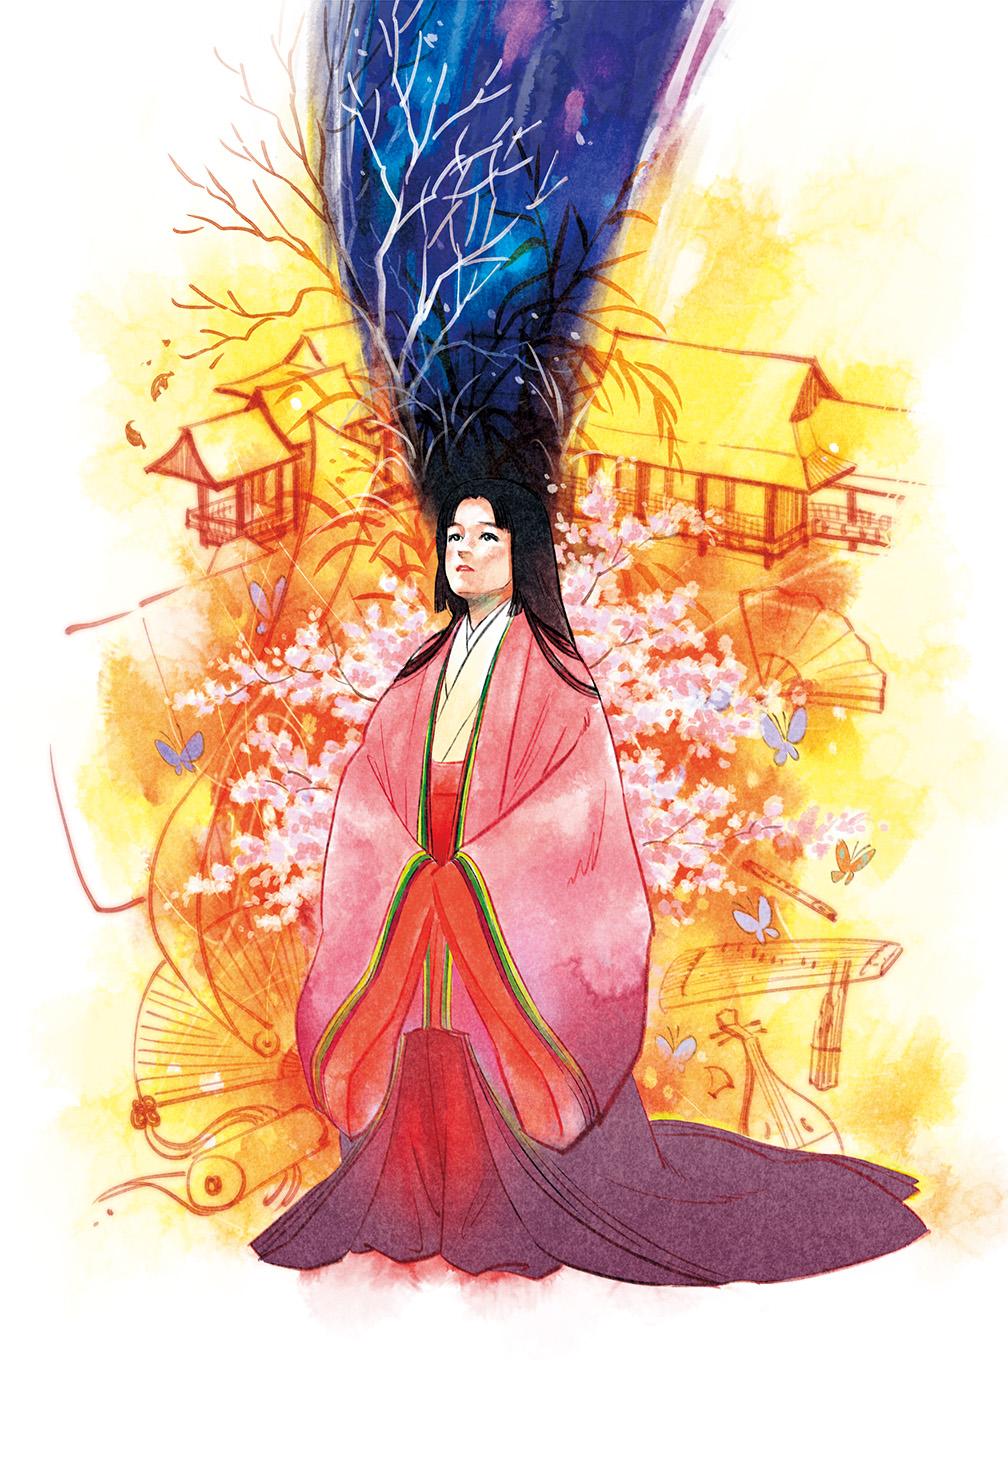 イラストレーター 黒澤葵さんが選ぶ 挿画 Best 10の画像8